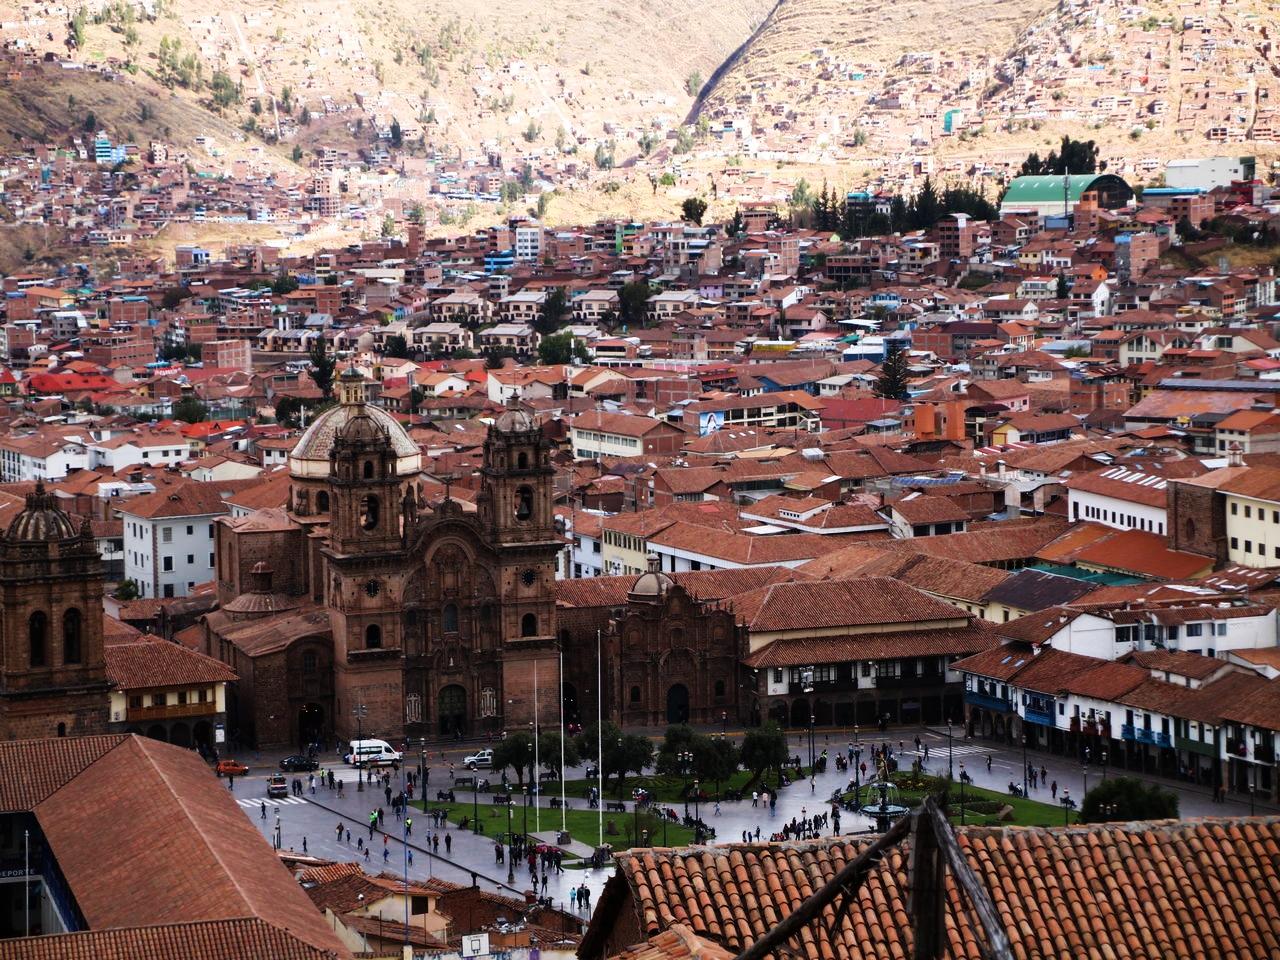 Las mejores vistas que ver en Cuzco en 3 días las tienes desde el mirador de San Cristóbal.